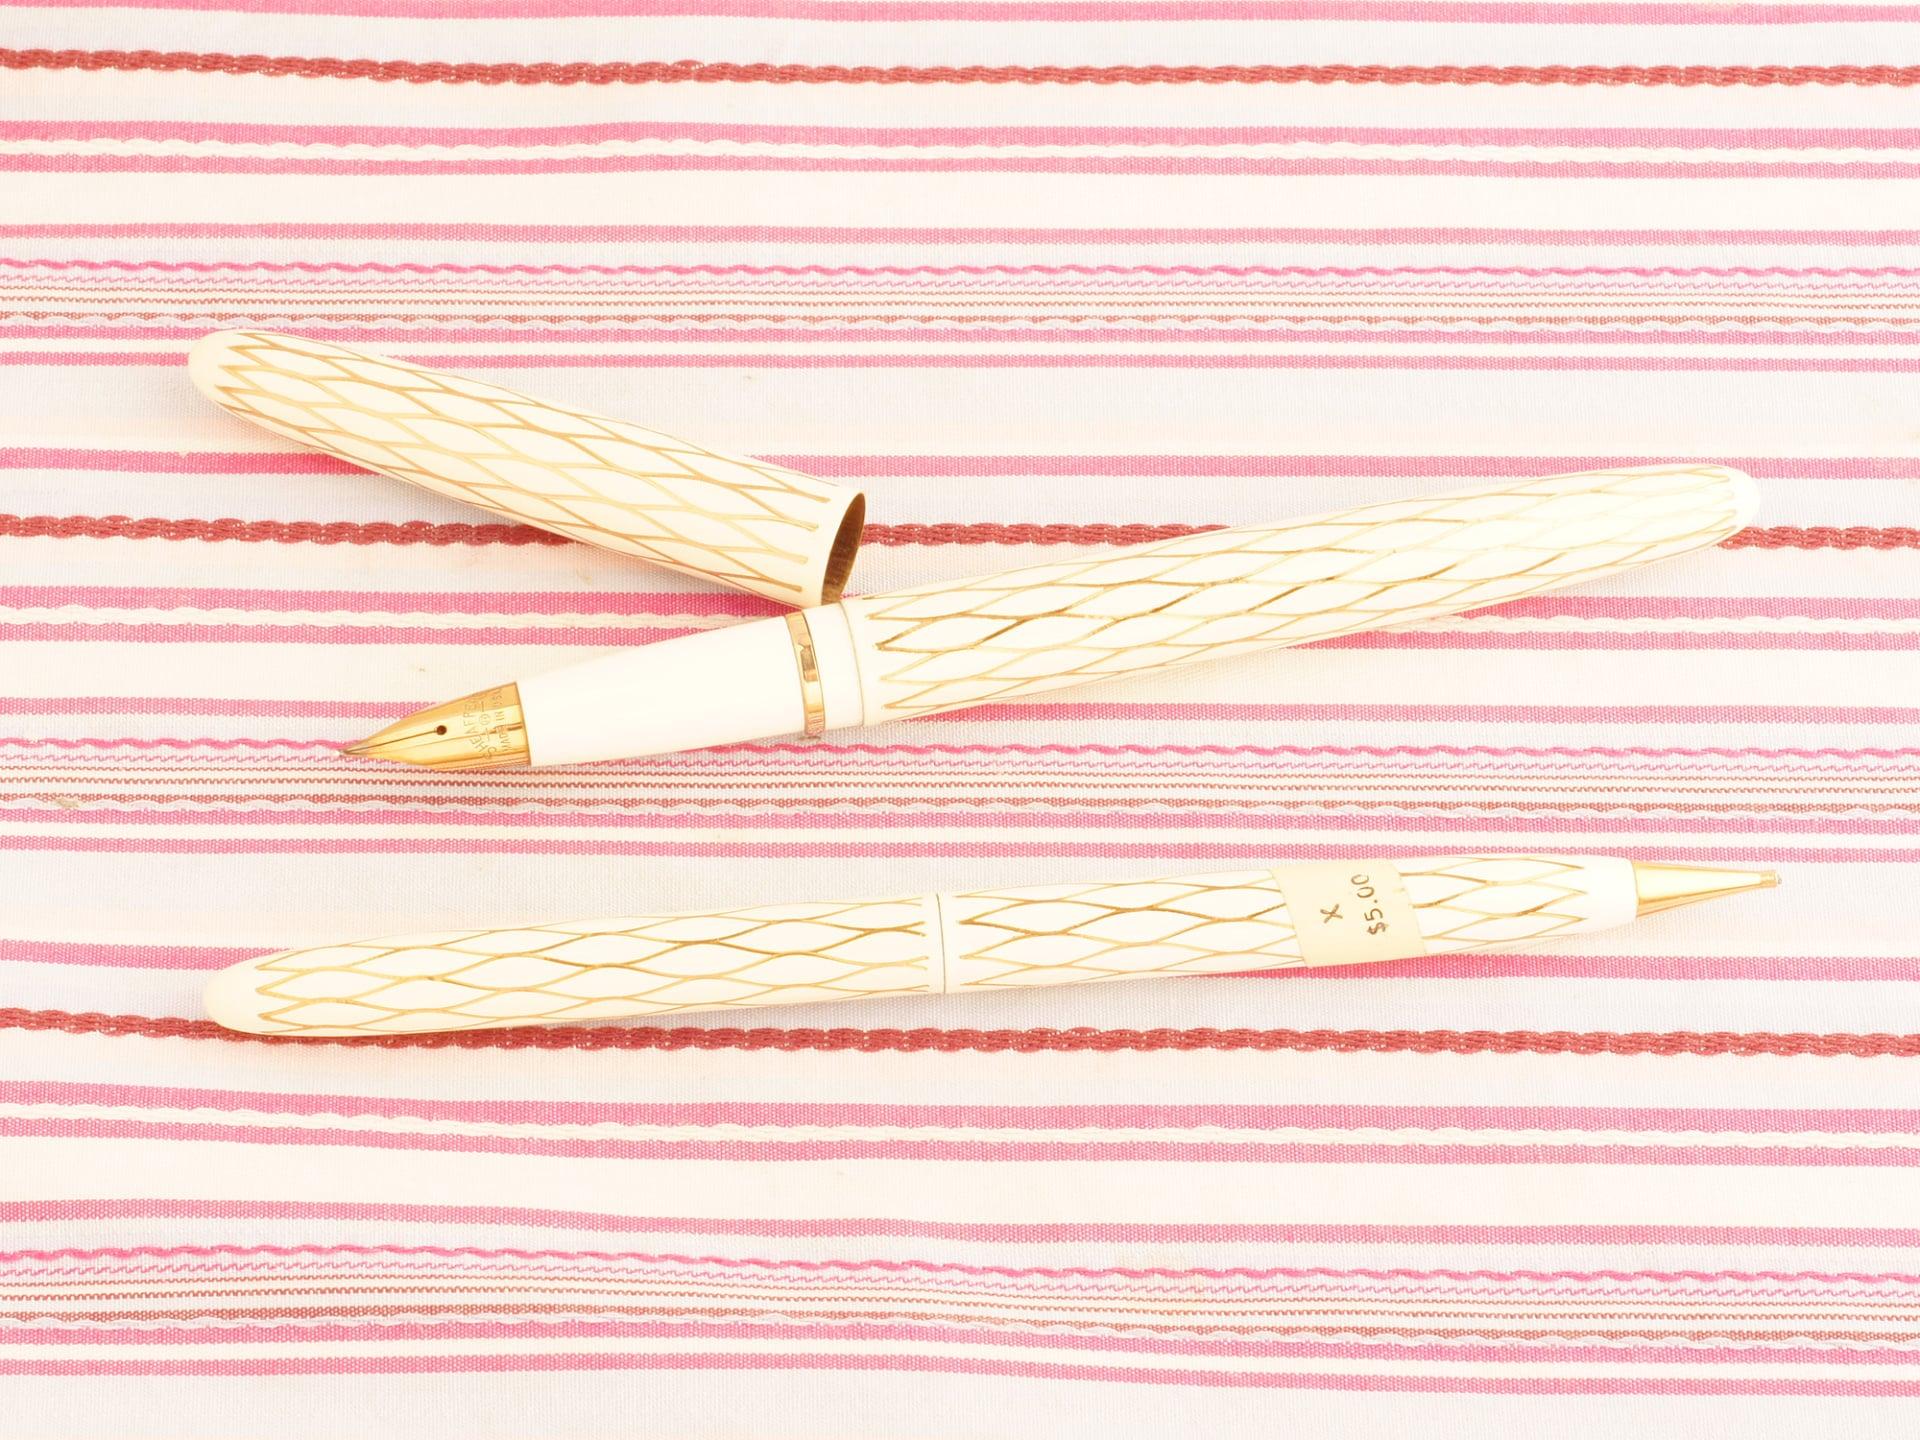 vintage sheaffer skripsert white enamel gold fishscale web fountain pen pencil set new old stock